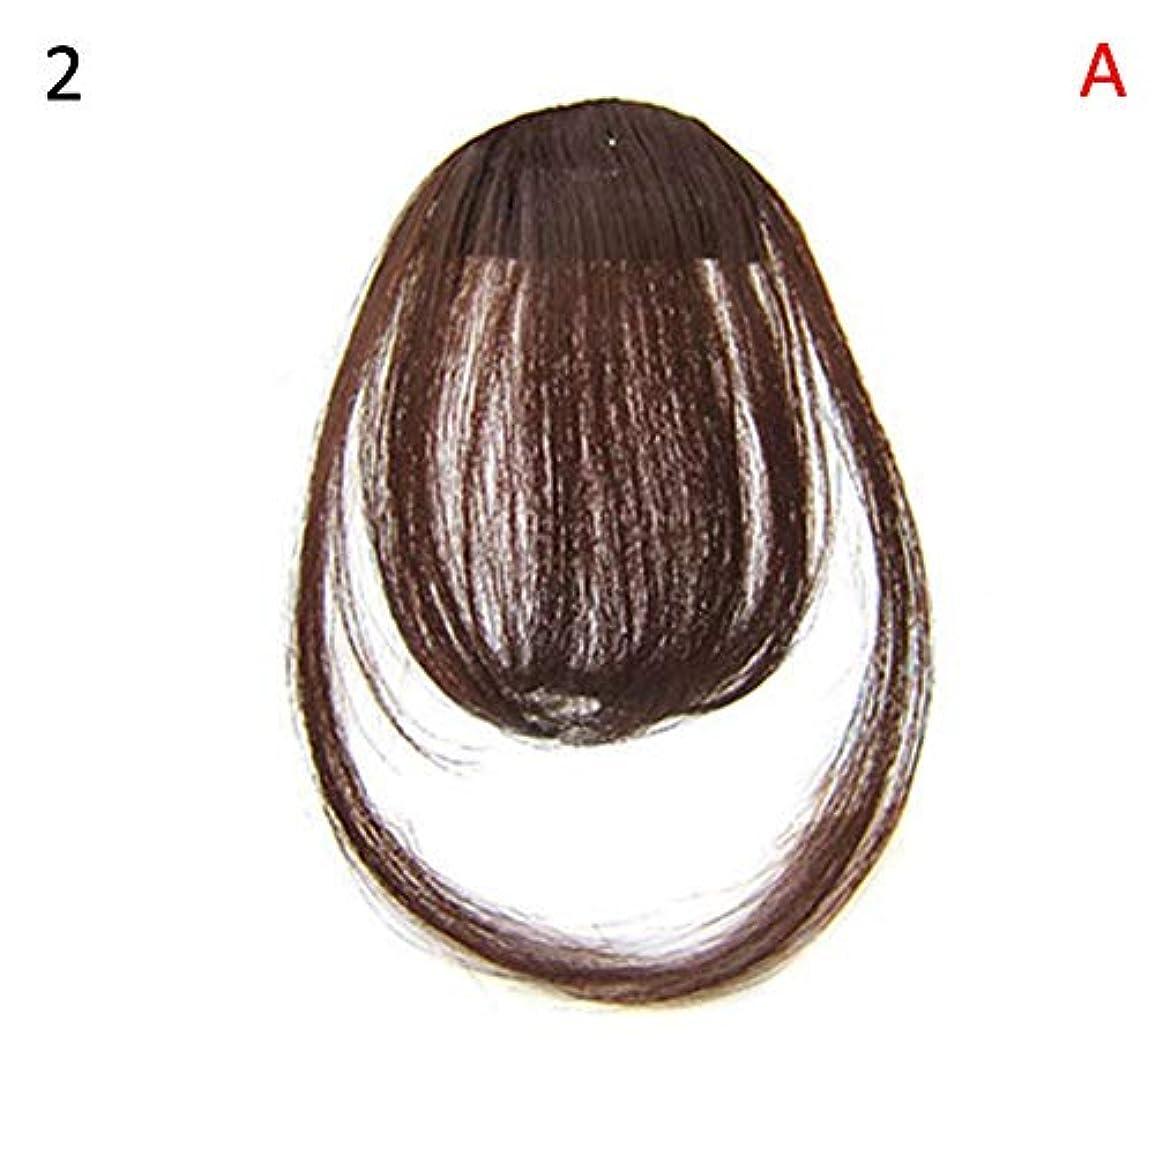 いじめっ子マトン軽量slQinjiansav女性ウィッグ修理ツールファッションレディース薄いクリップオンエアバンフロントフリンジウィッグヘアエクステンションヘアピース